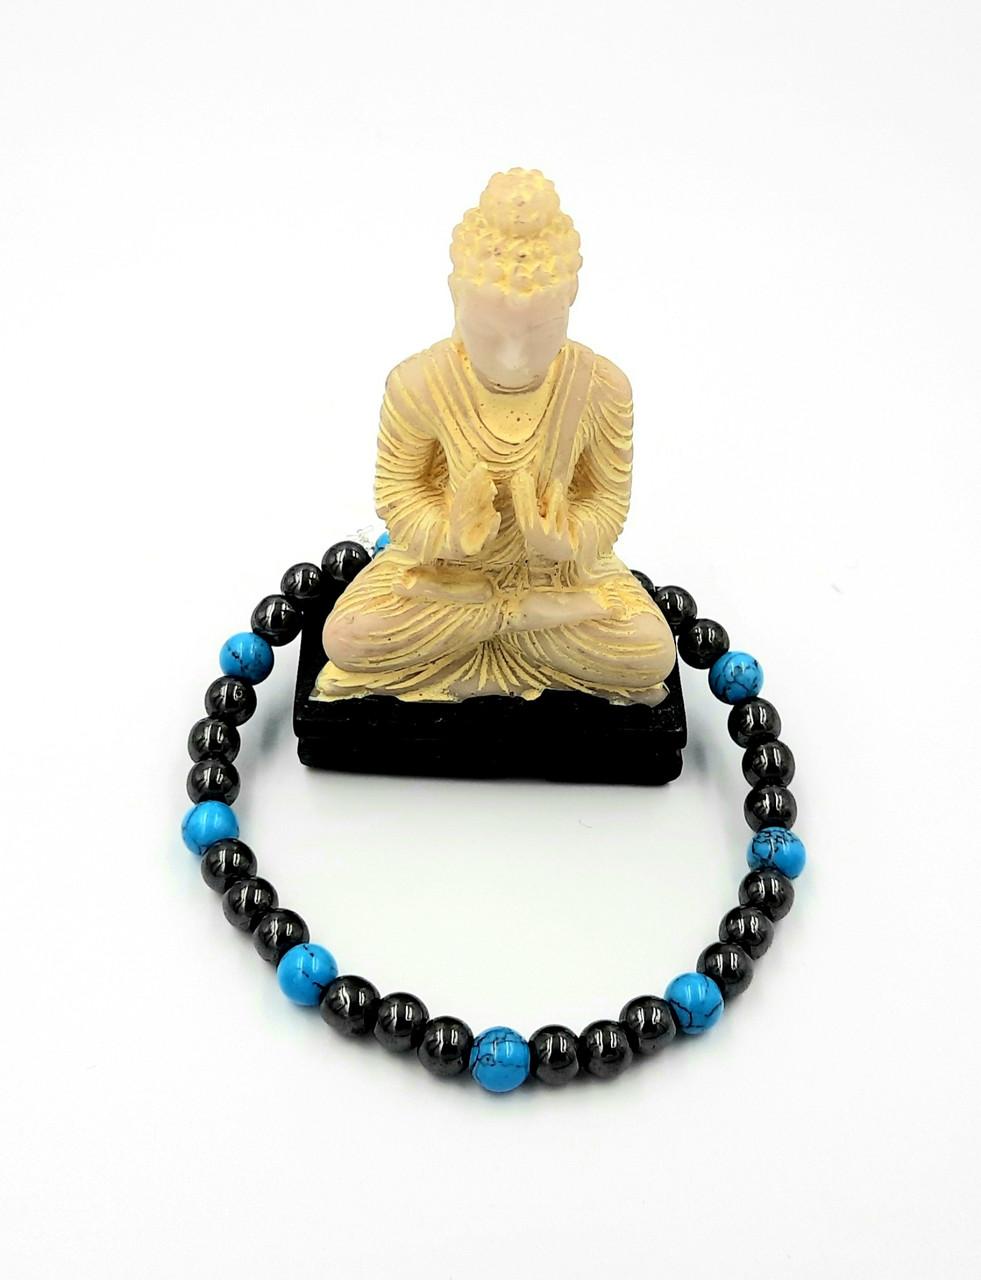 Браслет(d6) з натурального магнітного гематиту з синьою бірюзою, для здоров'я та схуднення, унісекс